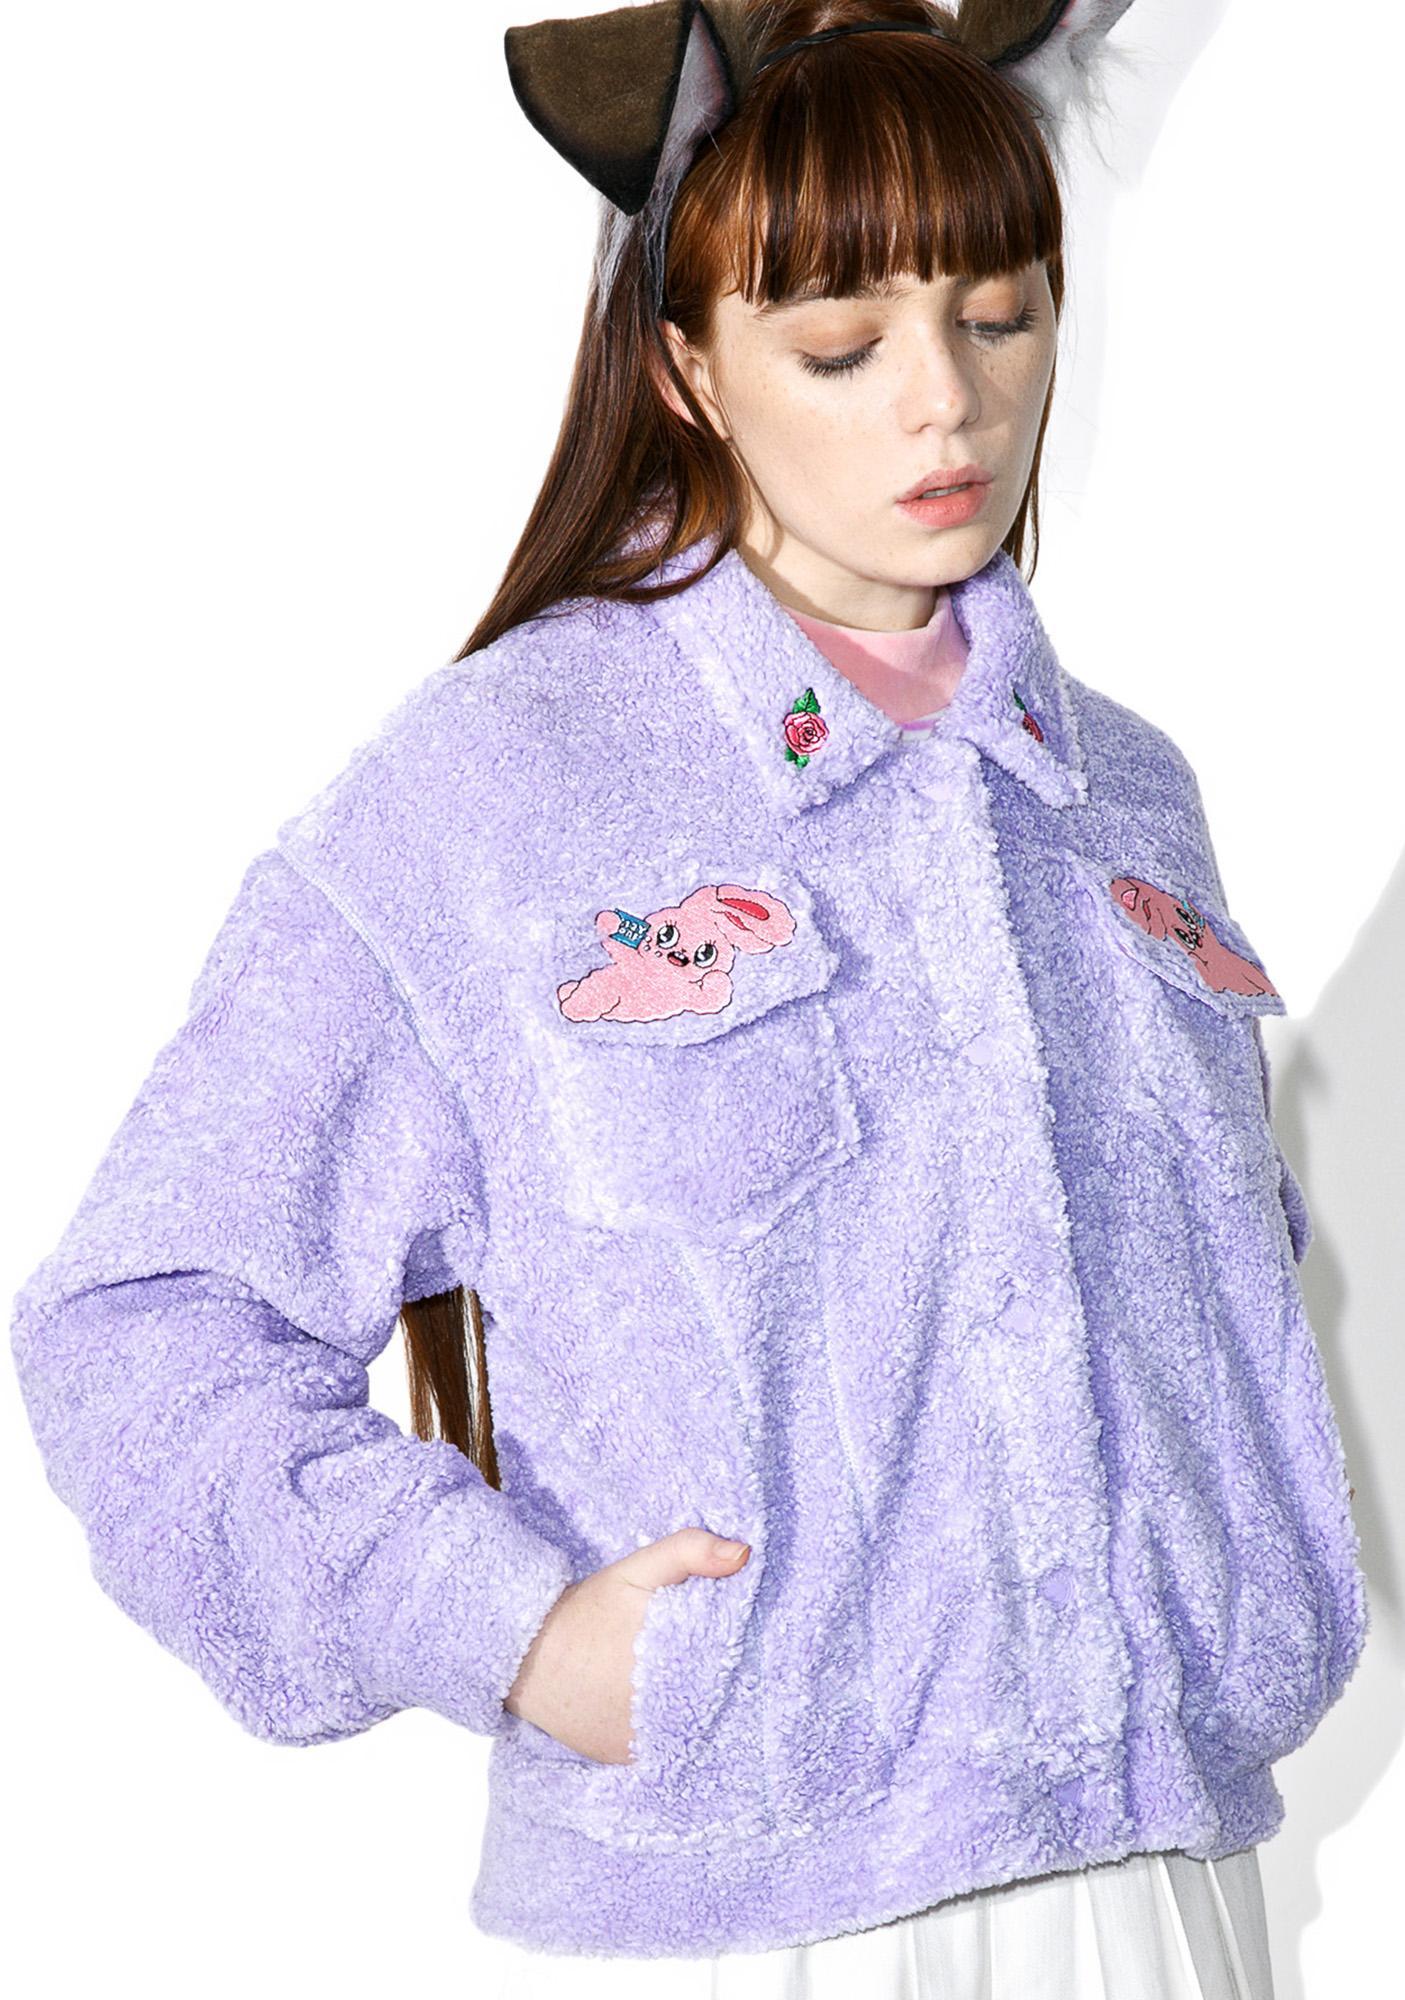 6a6b370cb9 ... Lazy Oaf Esther Loves Oaf Lazy Bunny Jacket